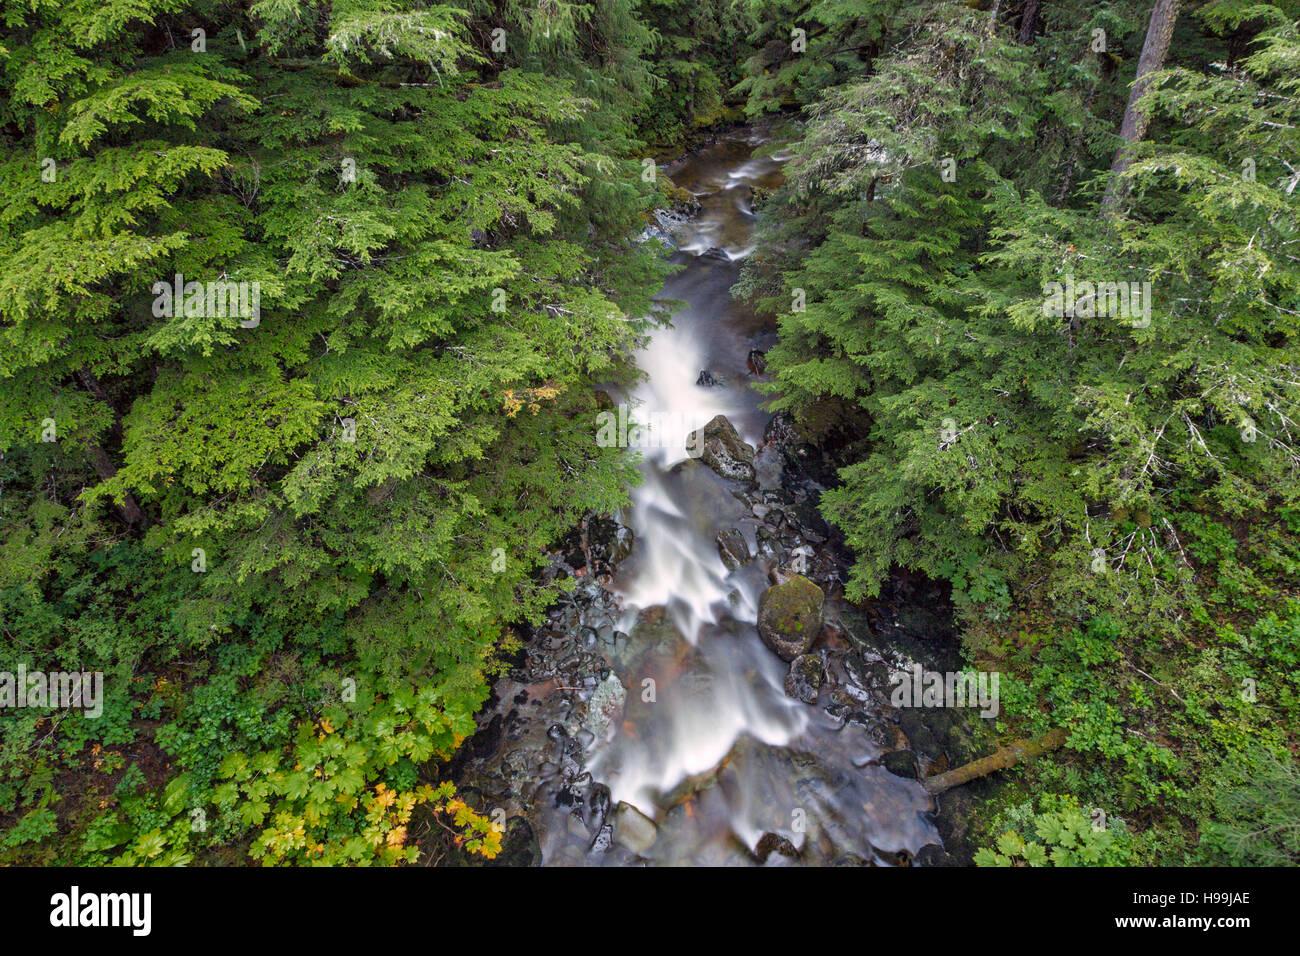 Un río de la selva costera templada, Tongass National Forest, Alaska, EE.UU. Imagen De Stock